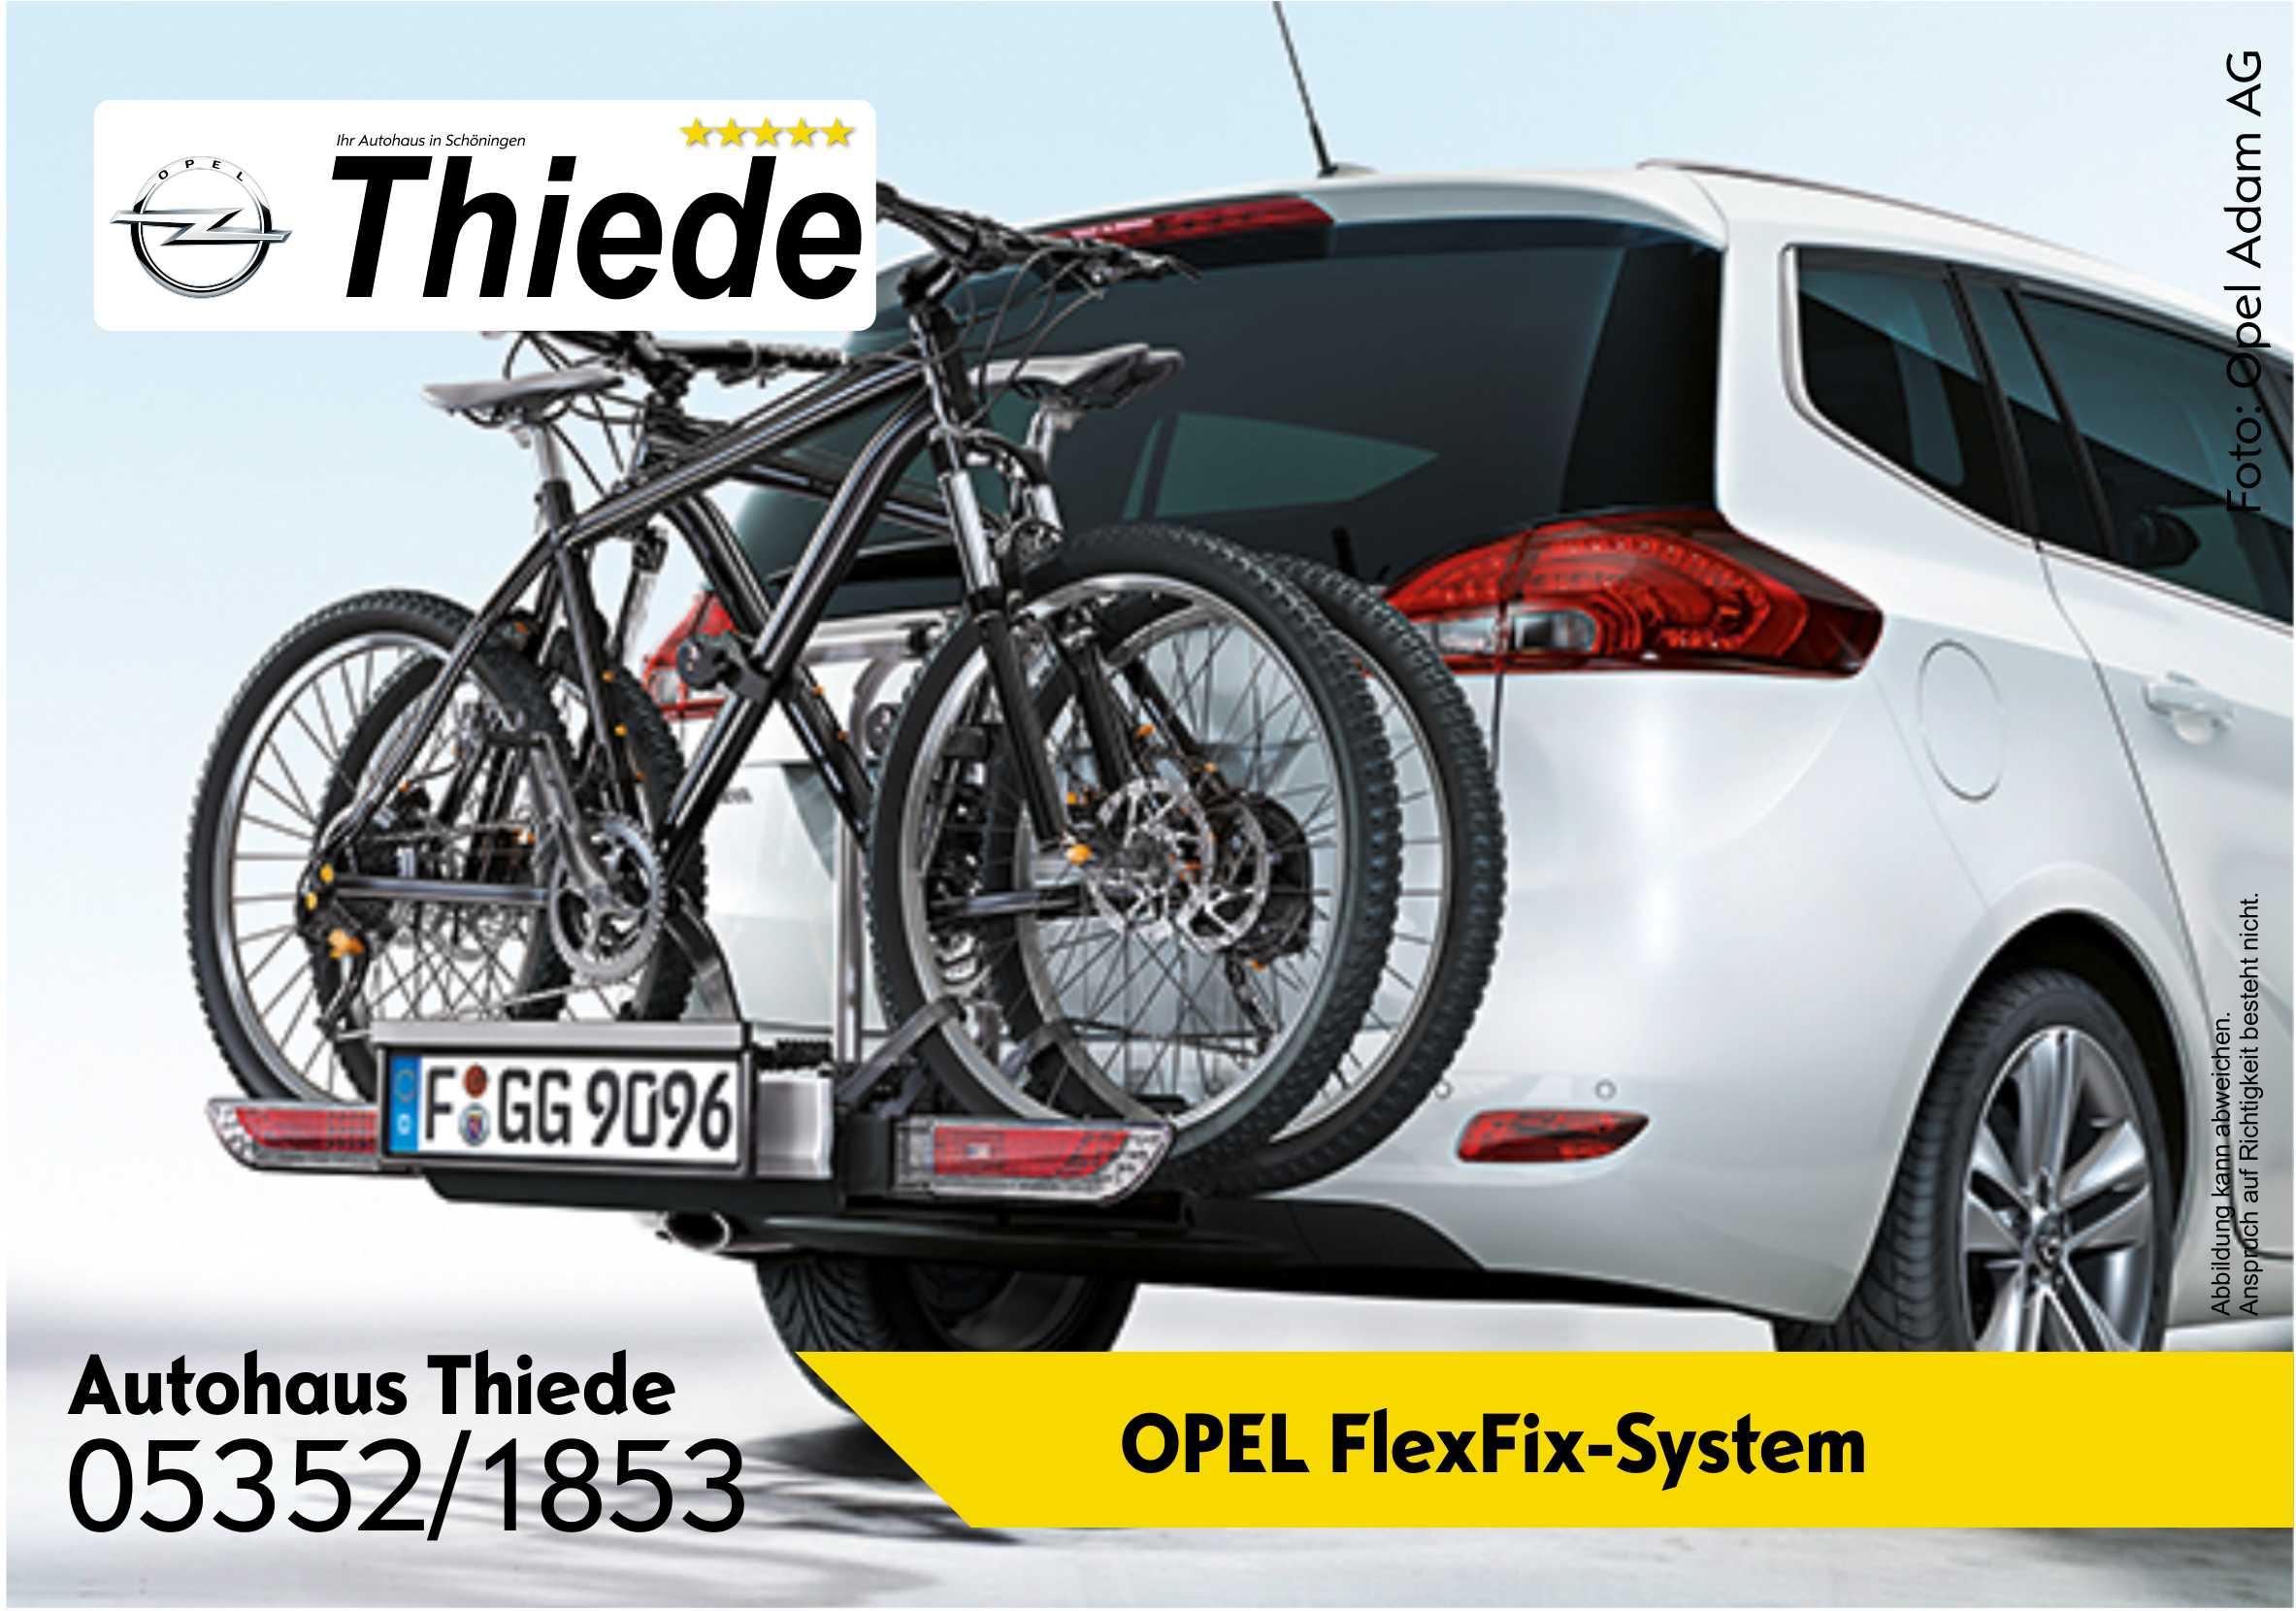 Opel FlexFix-System (integrierter Fahrradträger) Autohaus Thiede